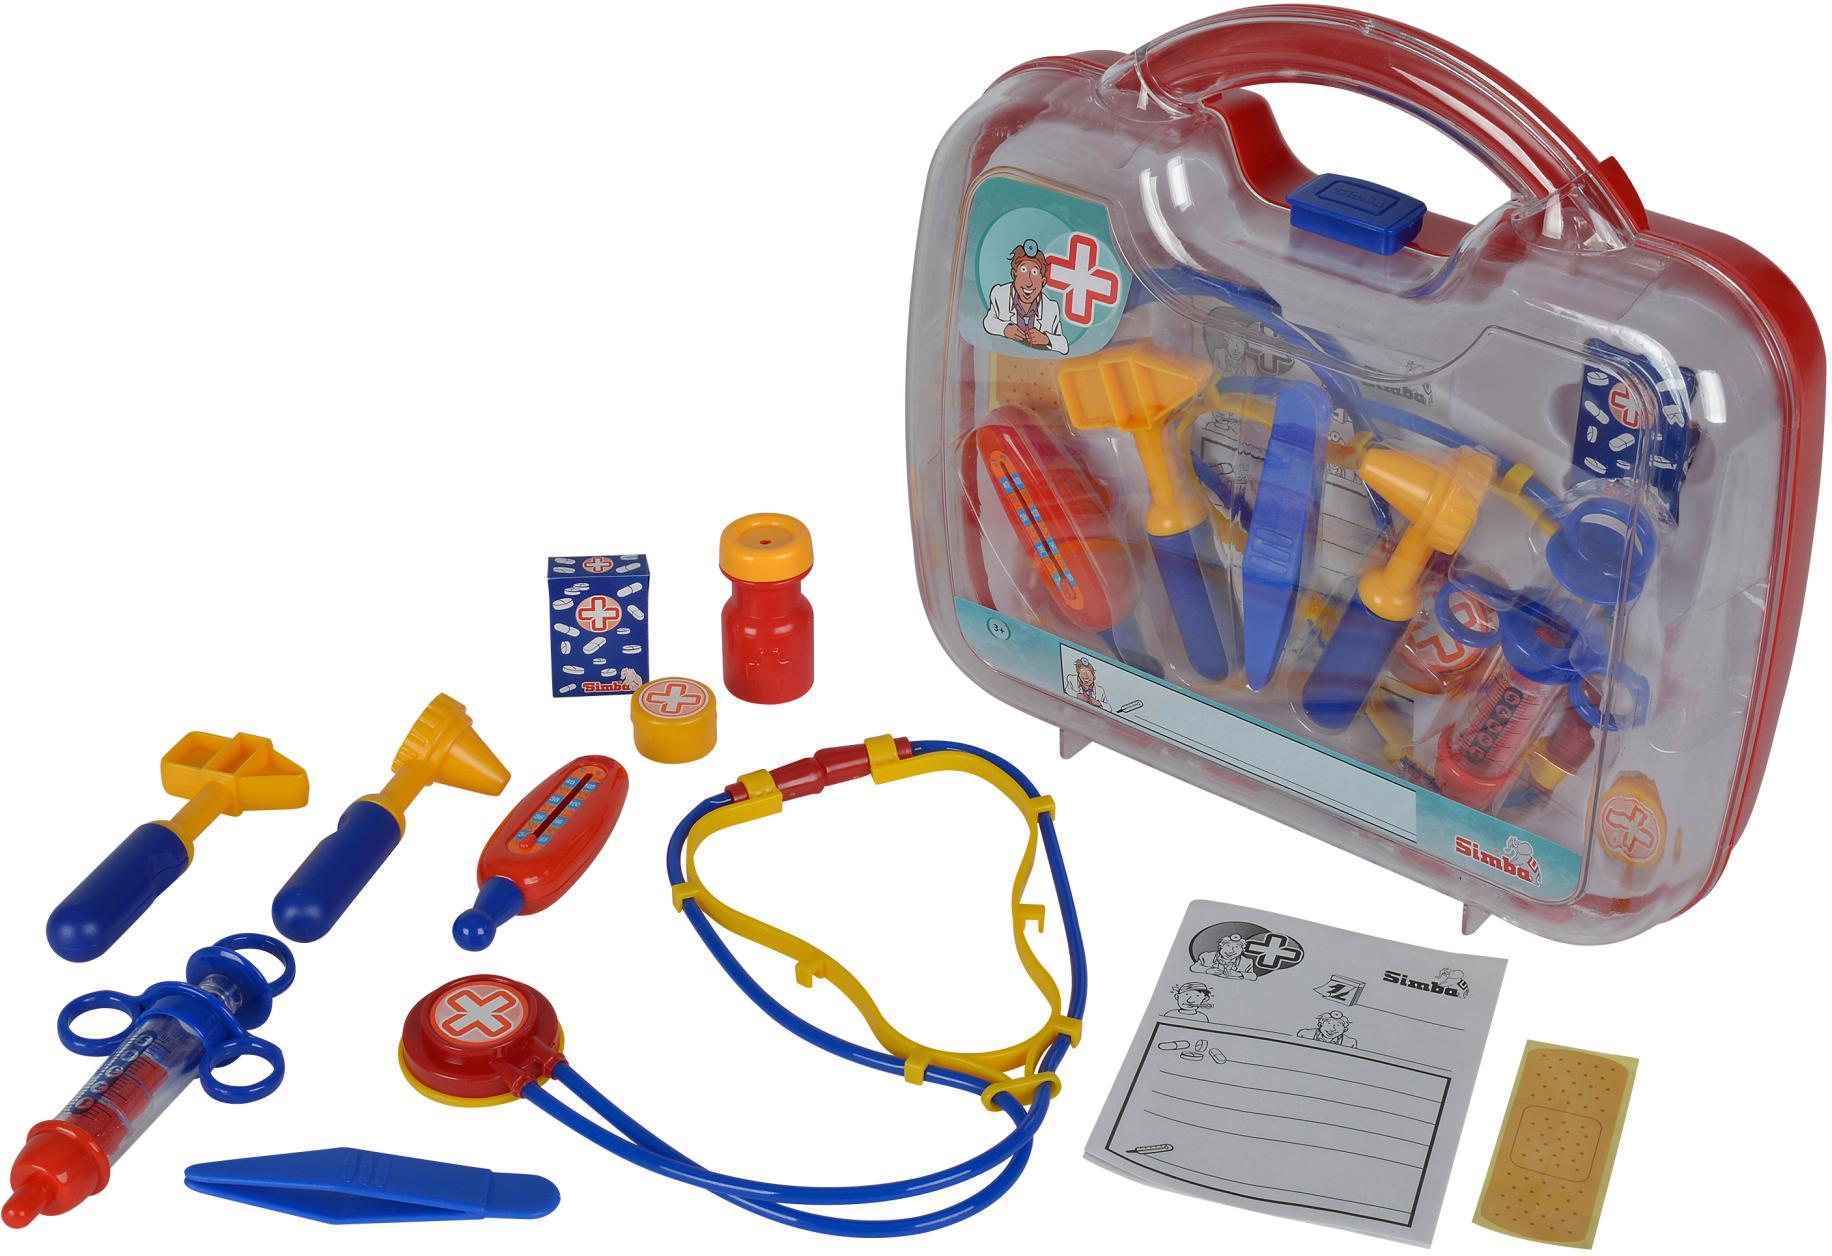 SIMBA Spielzeug-Arztkoffer Großer Doktorkoffer bunt Kinder Ab 3-5 Jahren Altersempfehlung Rollenspielzeug